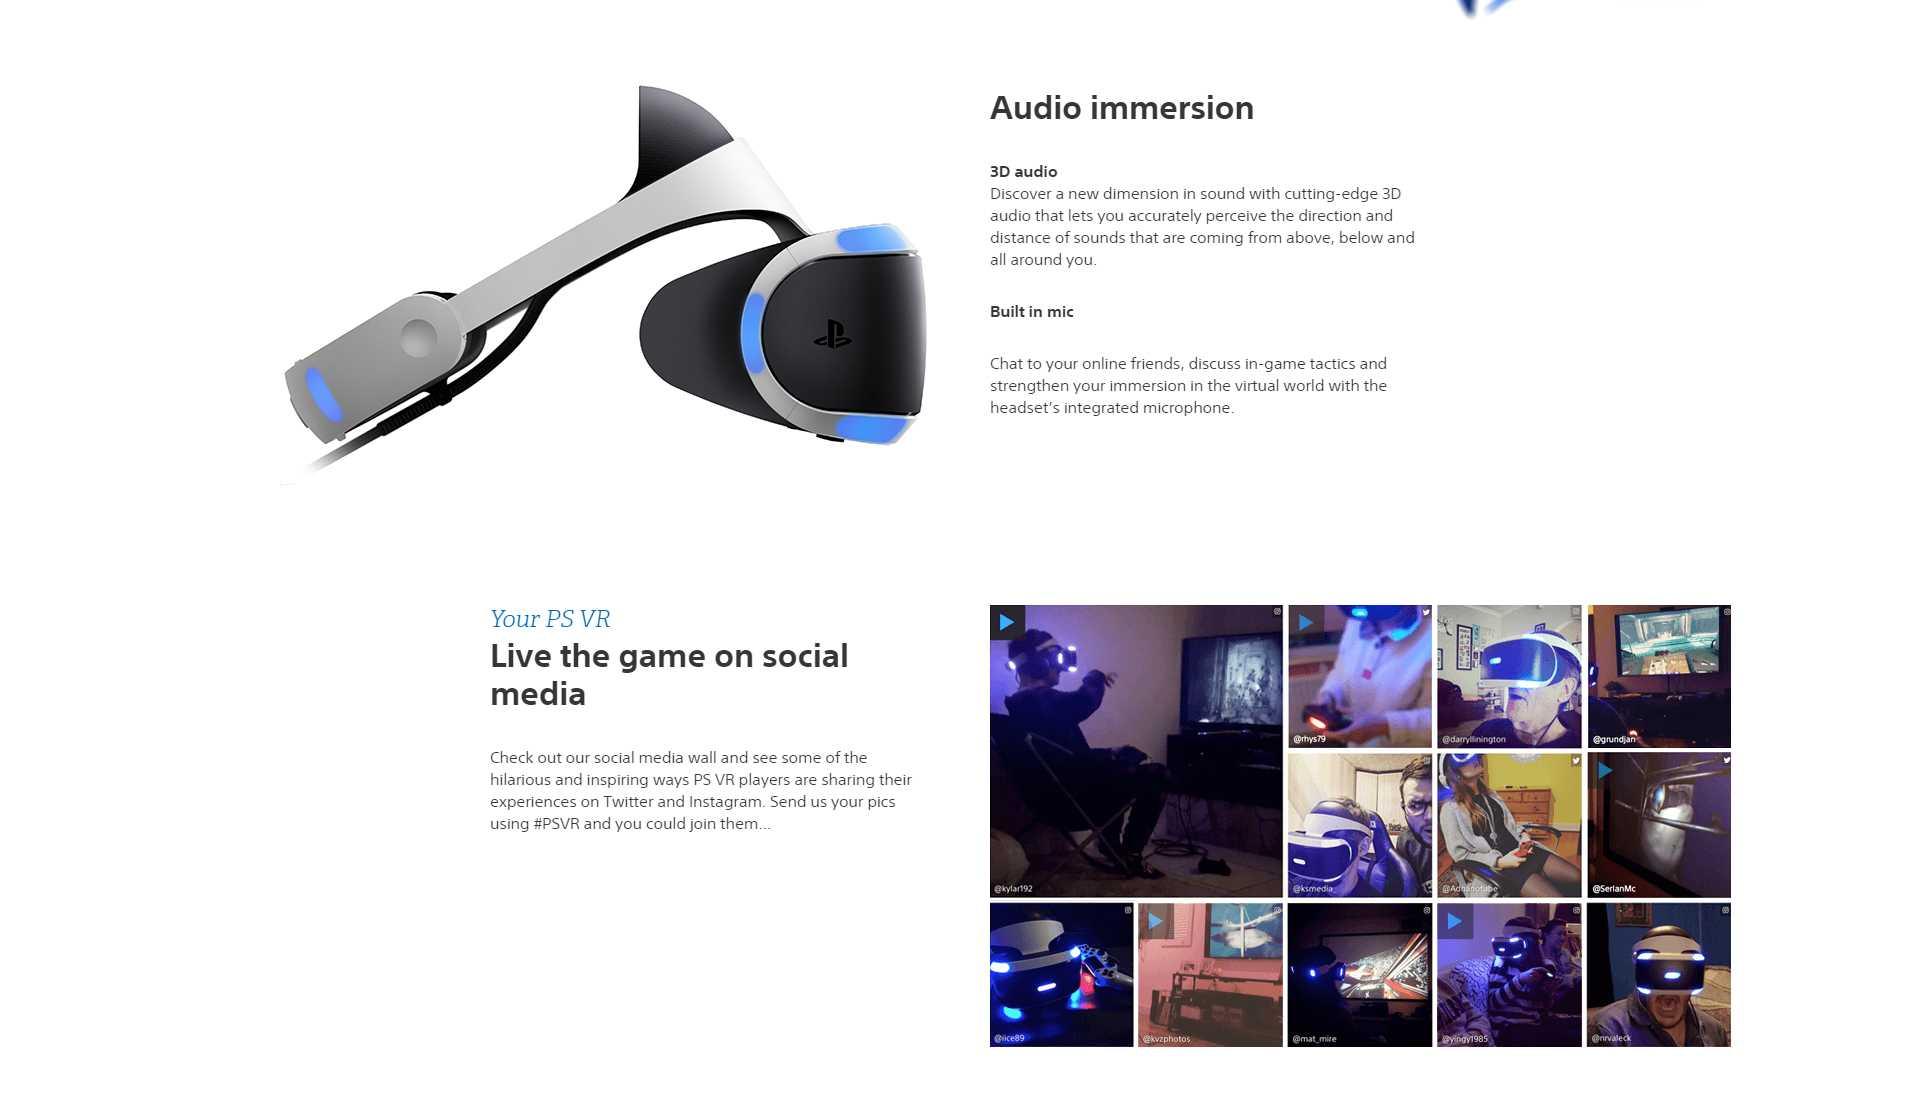 Подробный обзор sony playstation vr очков, где купить и цена